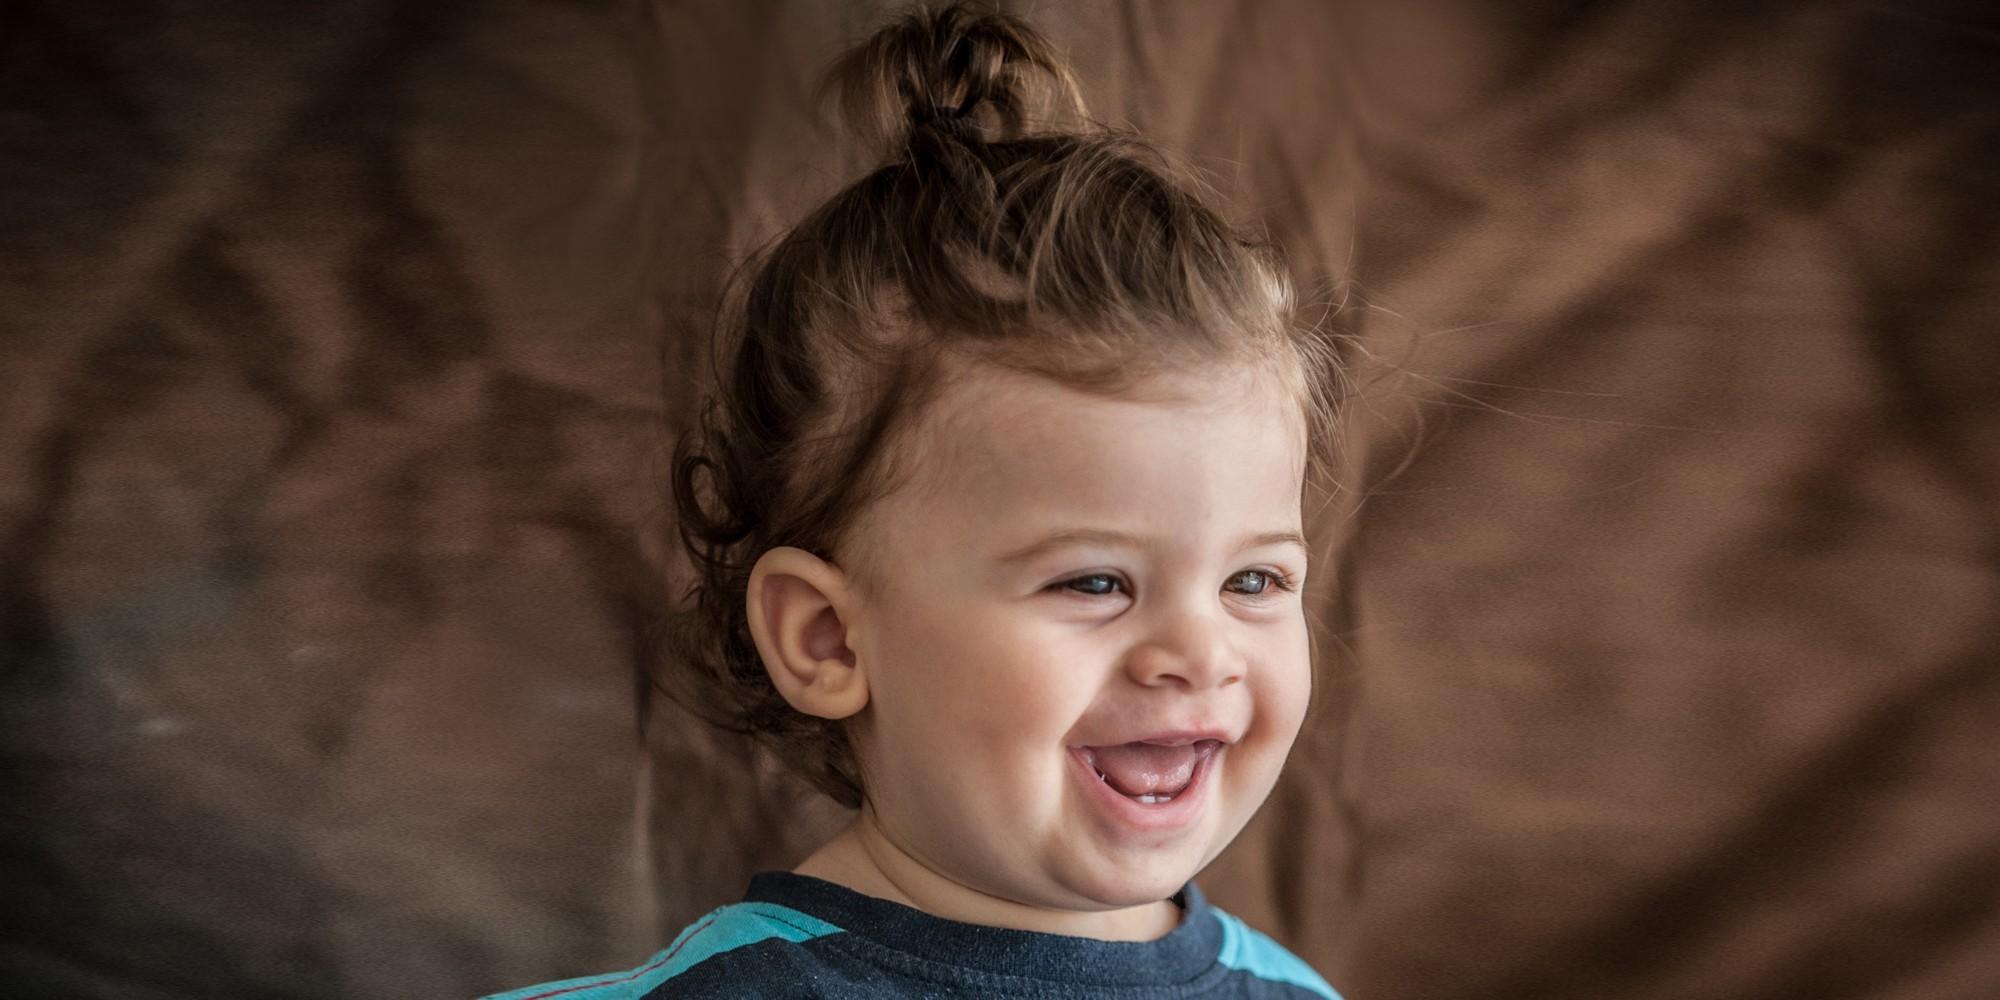 φωτογραφιες μωρων